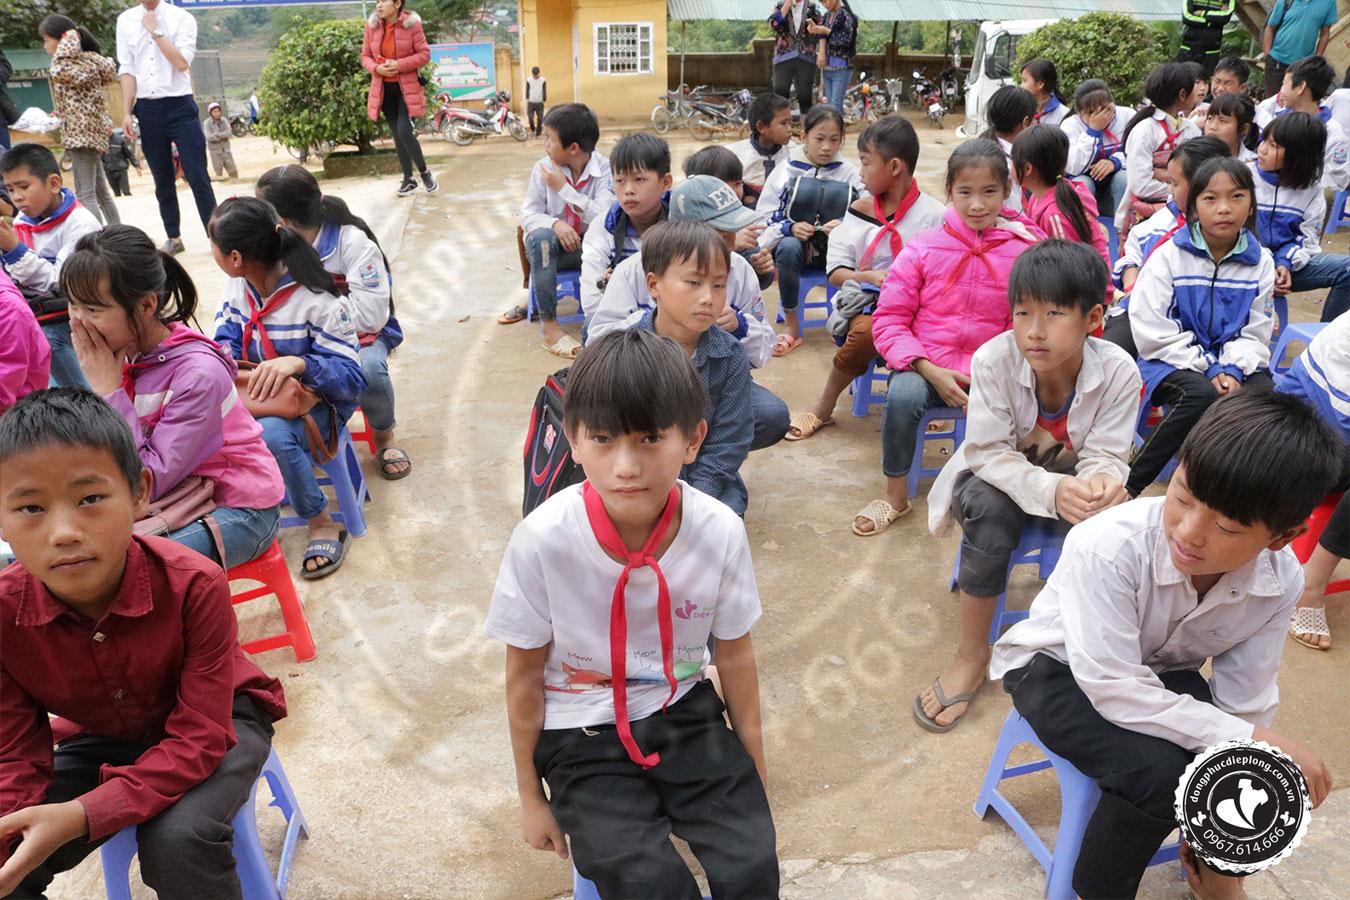 dong-phuc-diep-long-tu-thien (1)